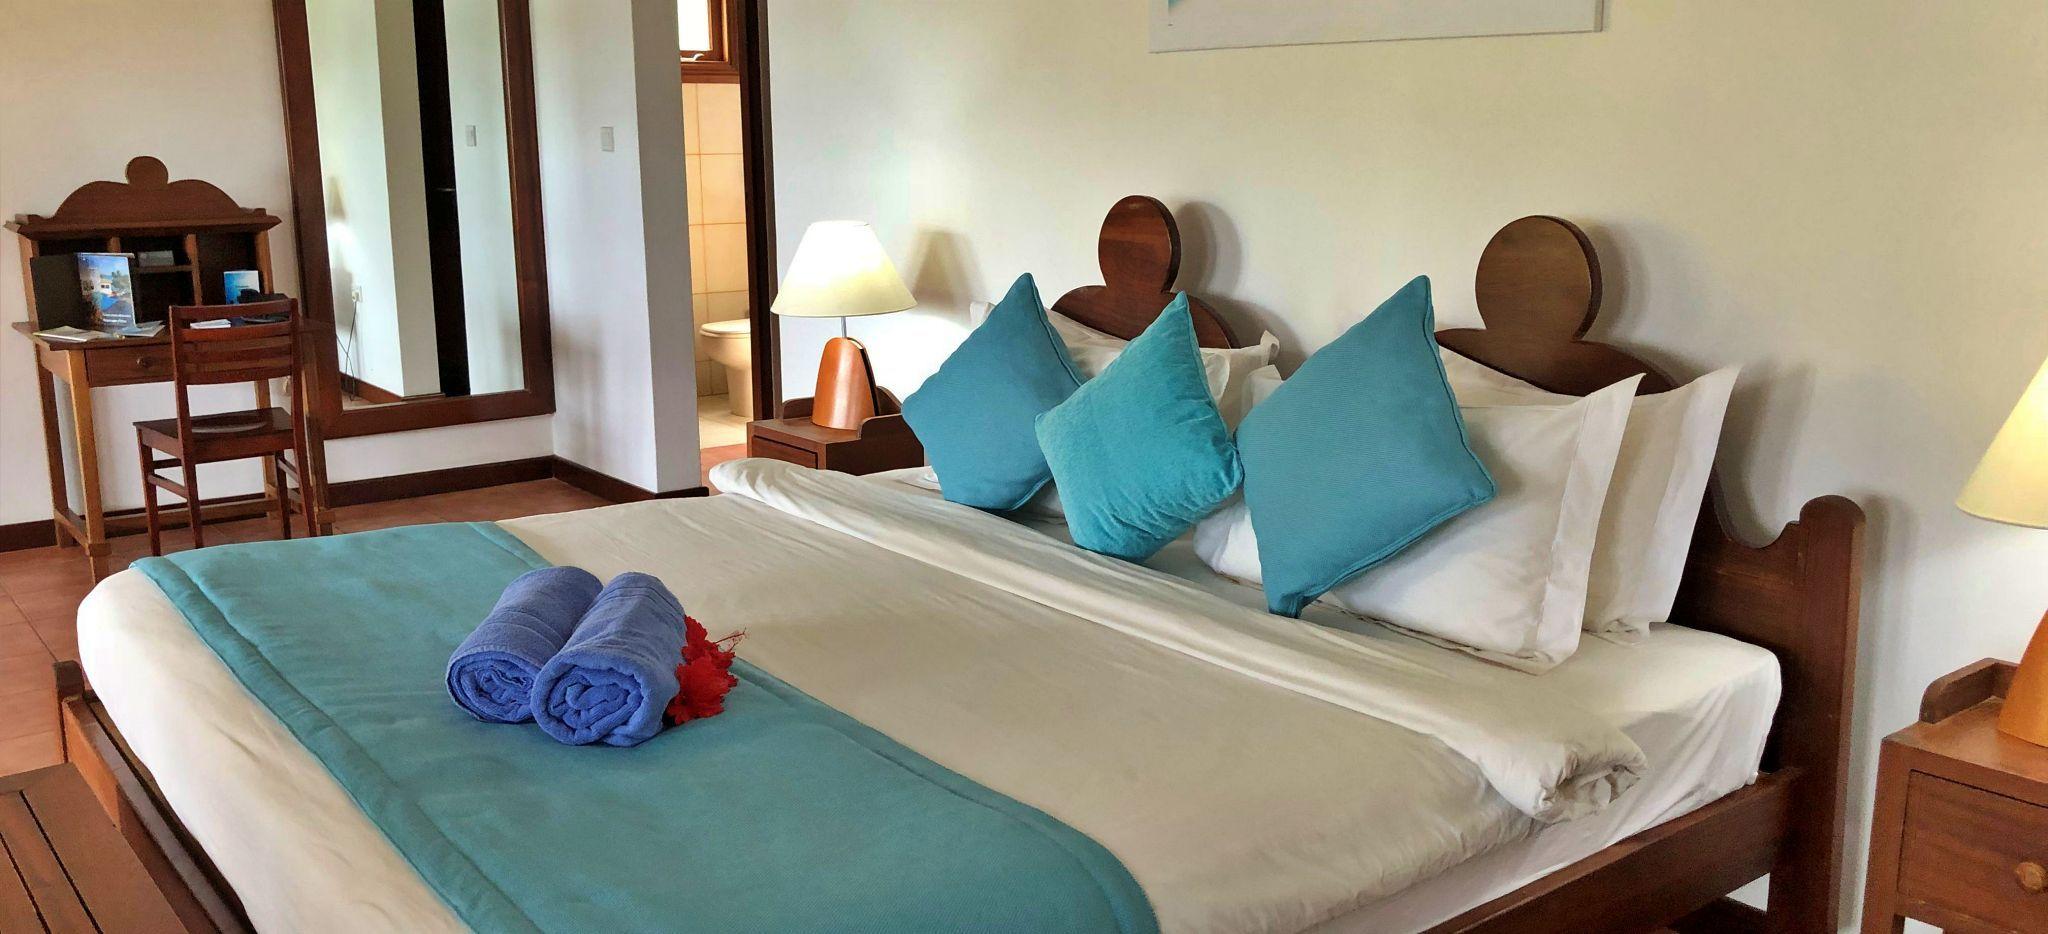 Ein helles Bett umrundet von dunklem Edelholz, Hotelzimmer im L'Archipel auf den Seychellen